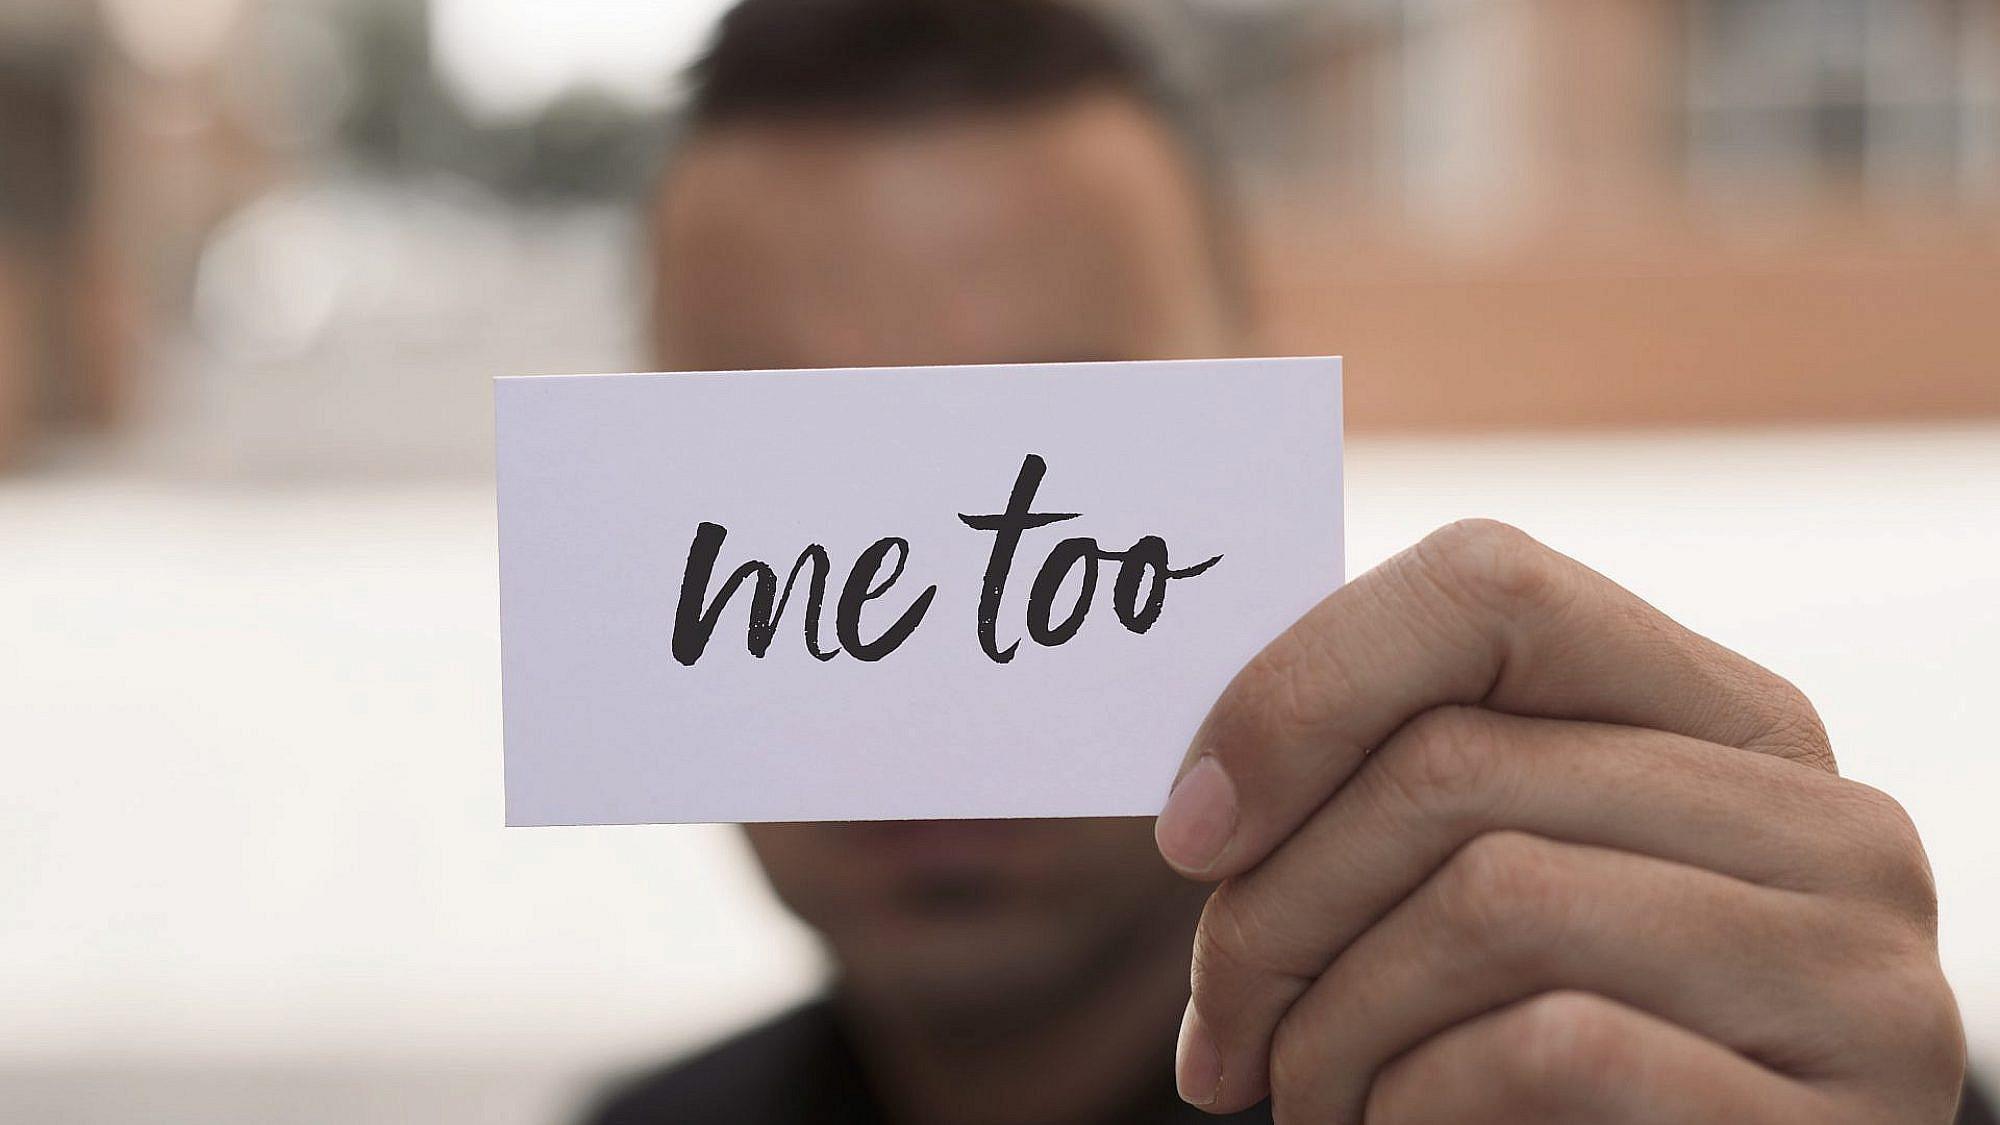 הטרדות מיניות הן חלק אינטגרלי מהתרבות הגאה. עכשיו תורנו (צילום: שאטרסטוק)